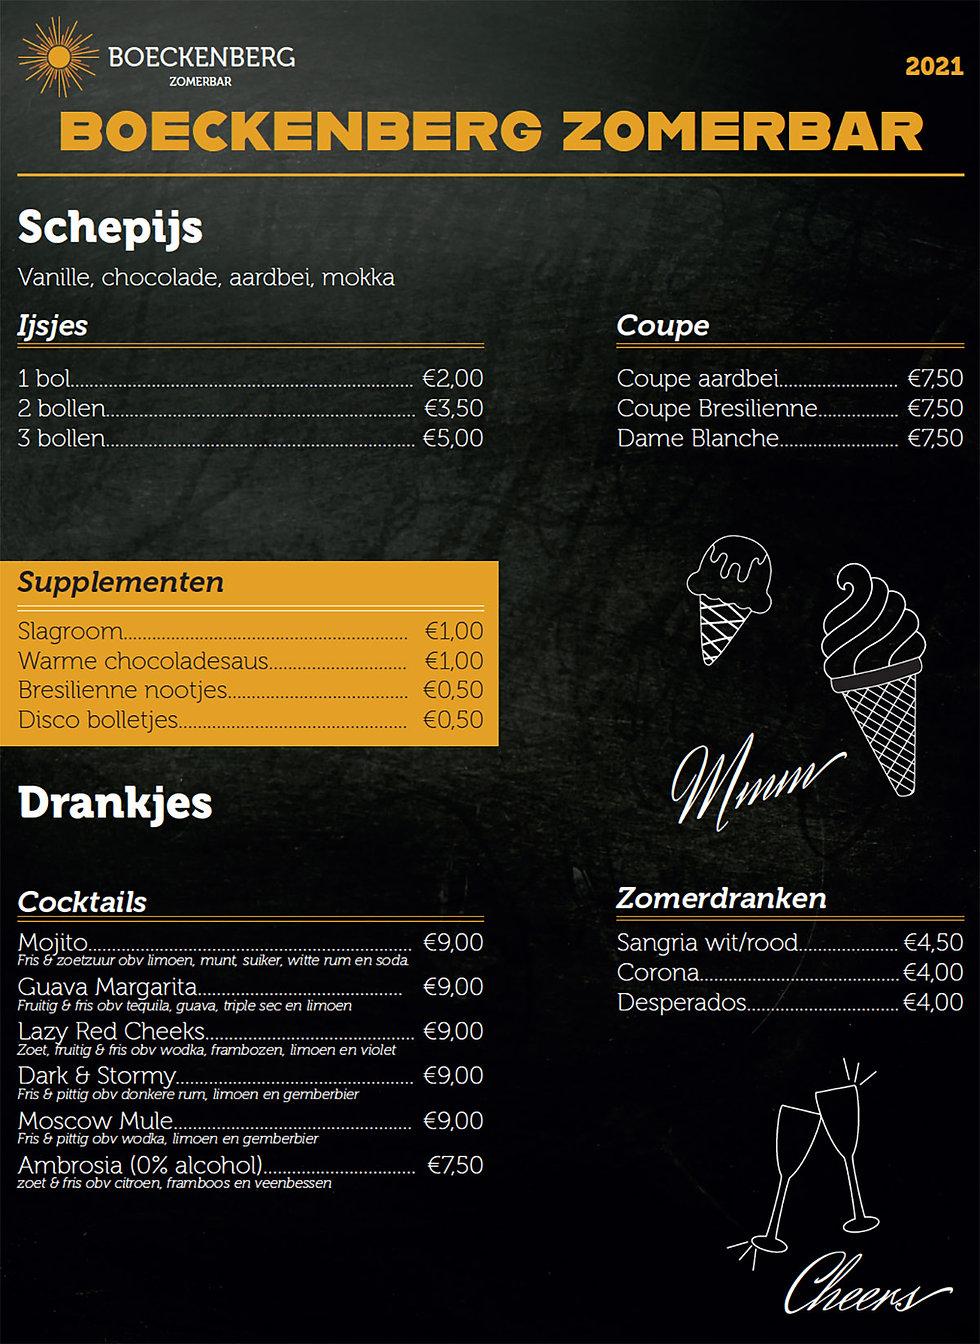 menu_zomerbar_def_1200.jpg